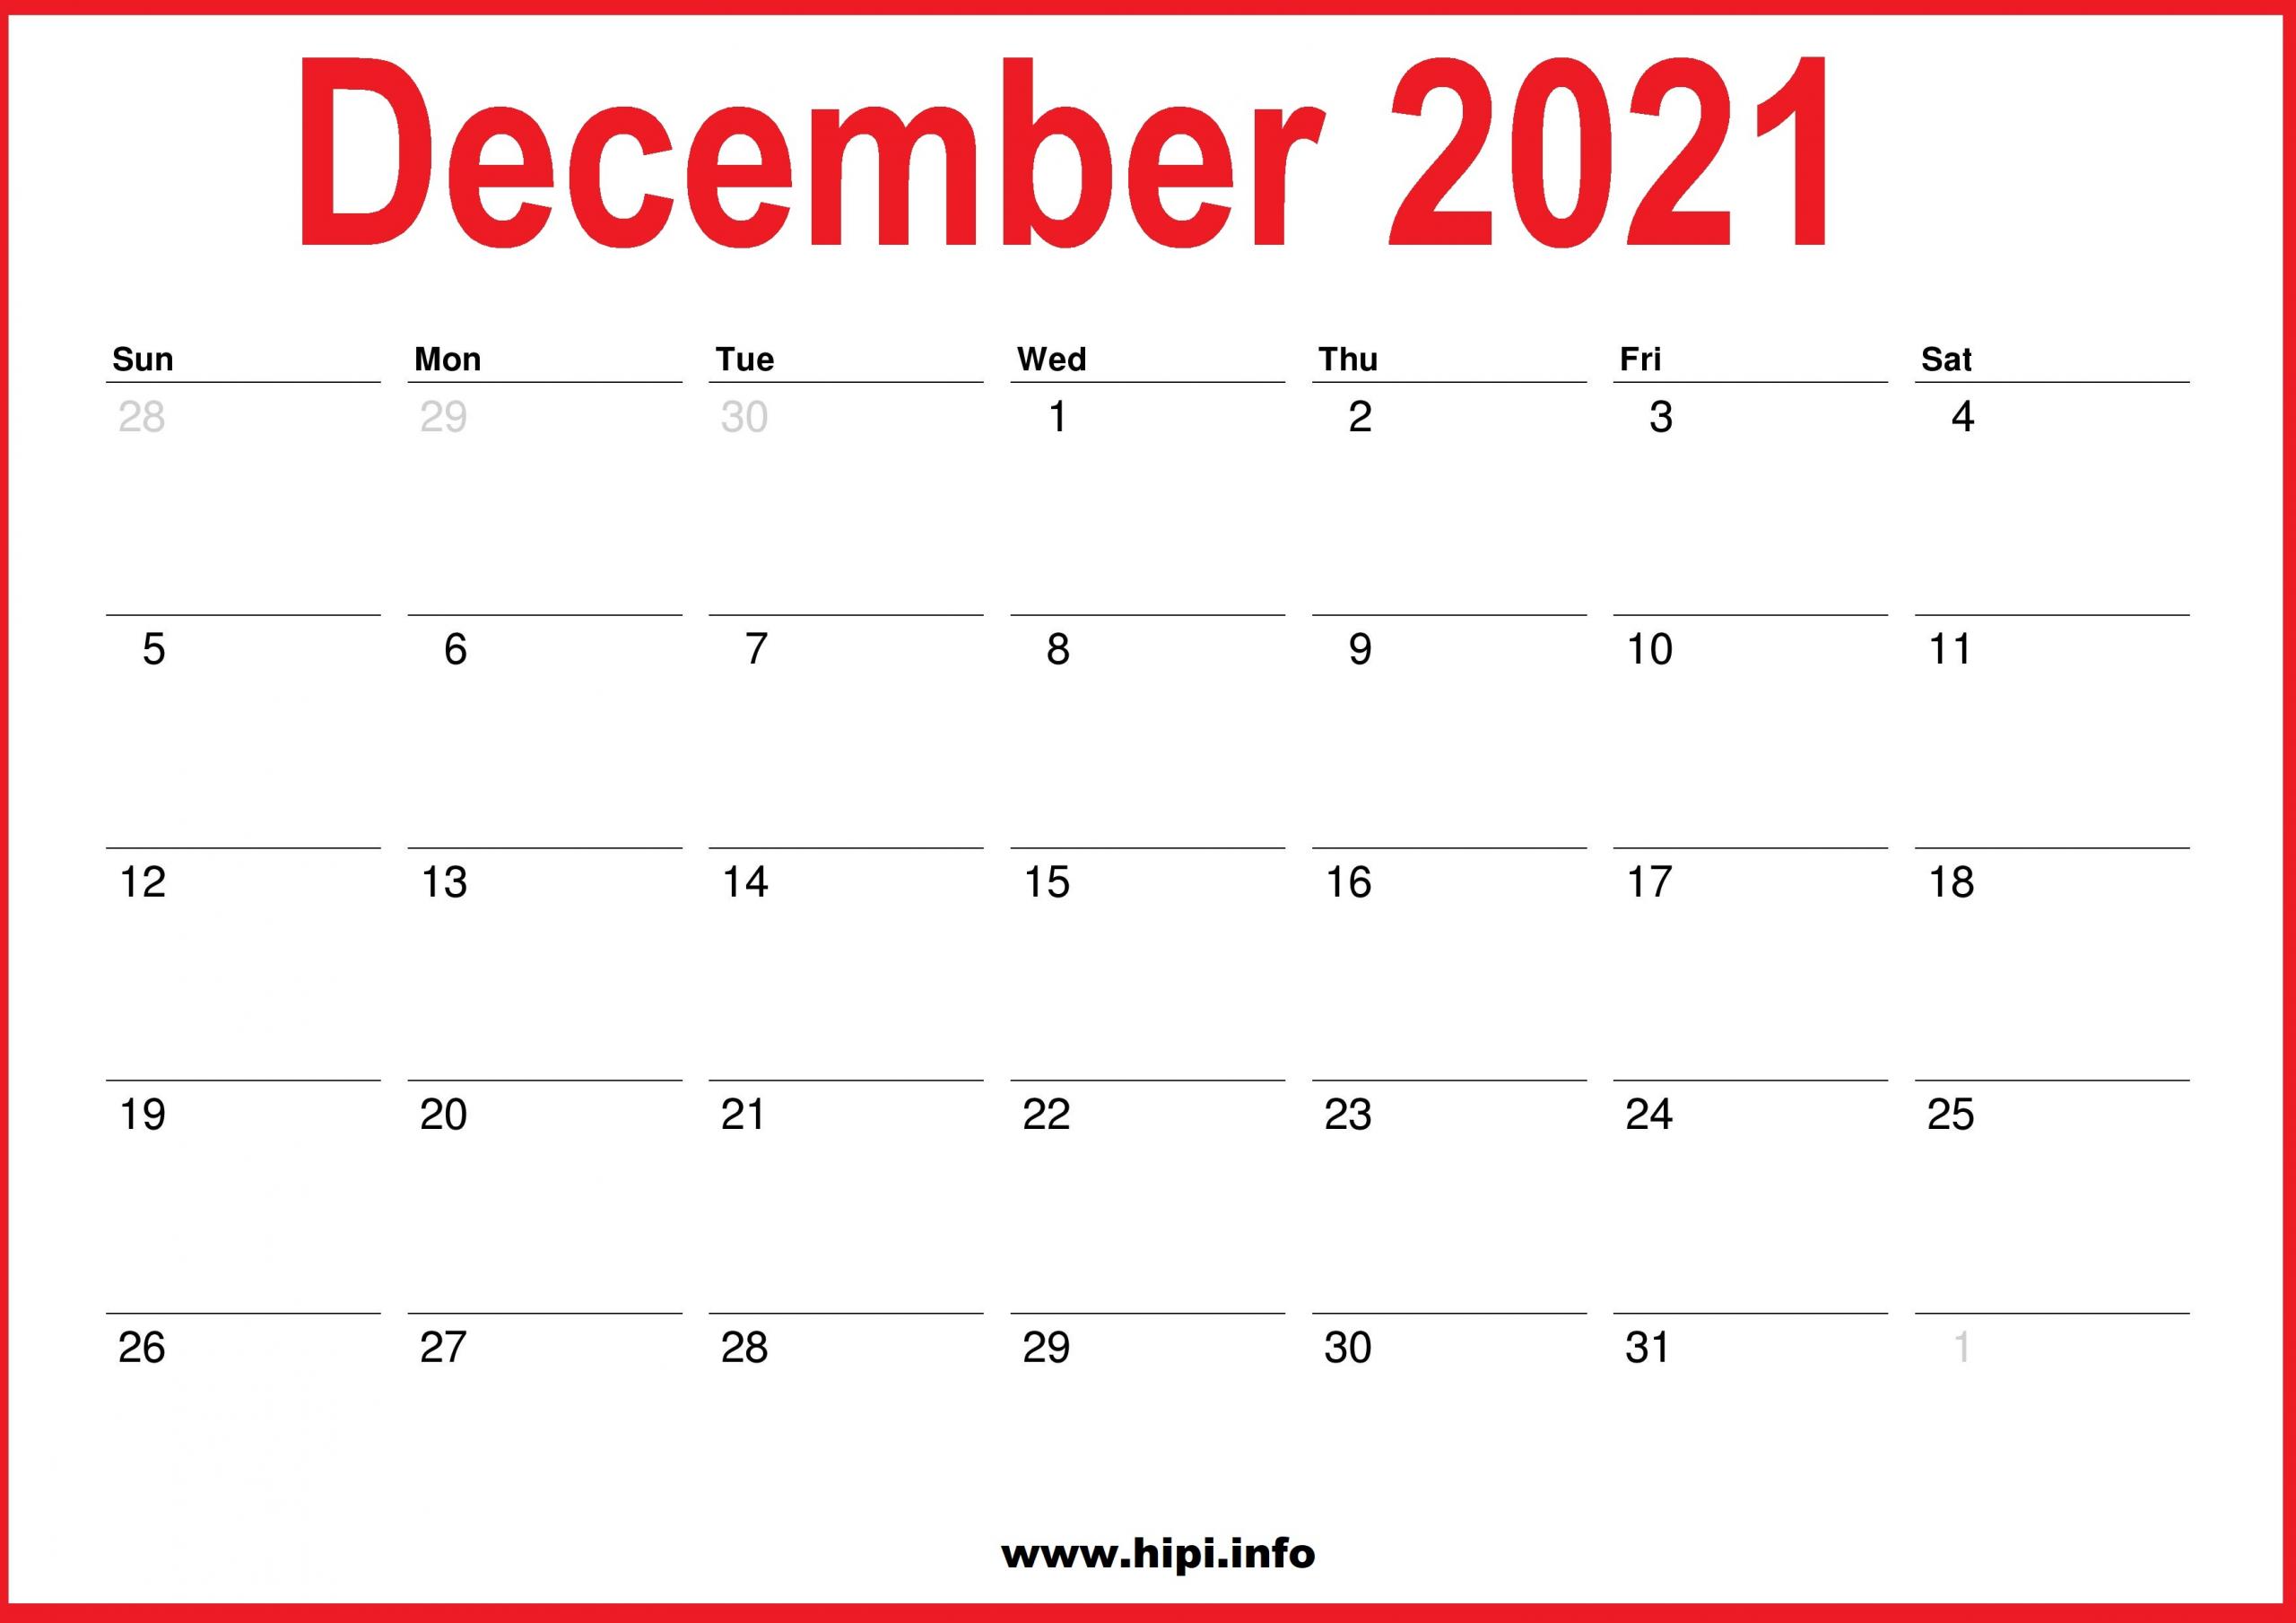 December 2021 Calendar Wallpapers - Wallpaper Cave Show December 2021 Calendar